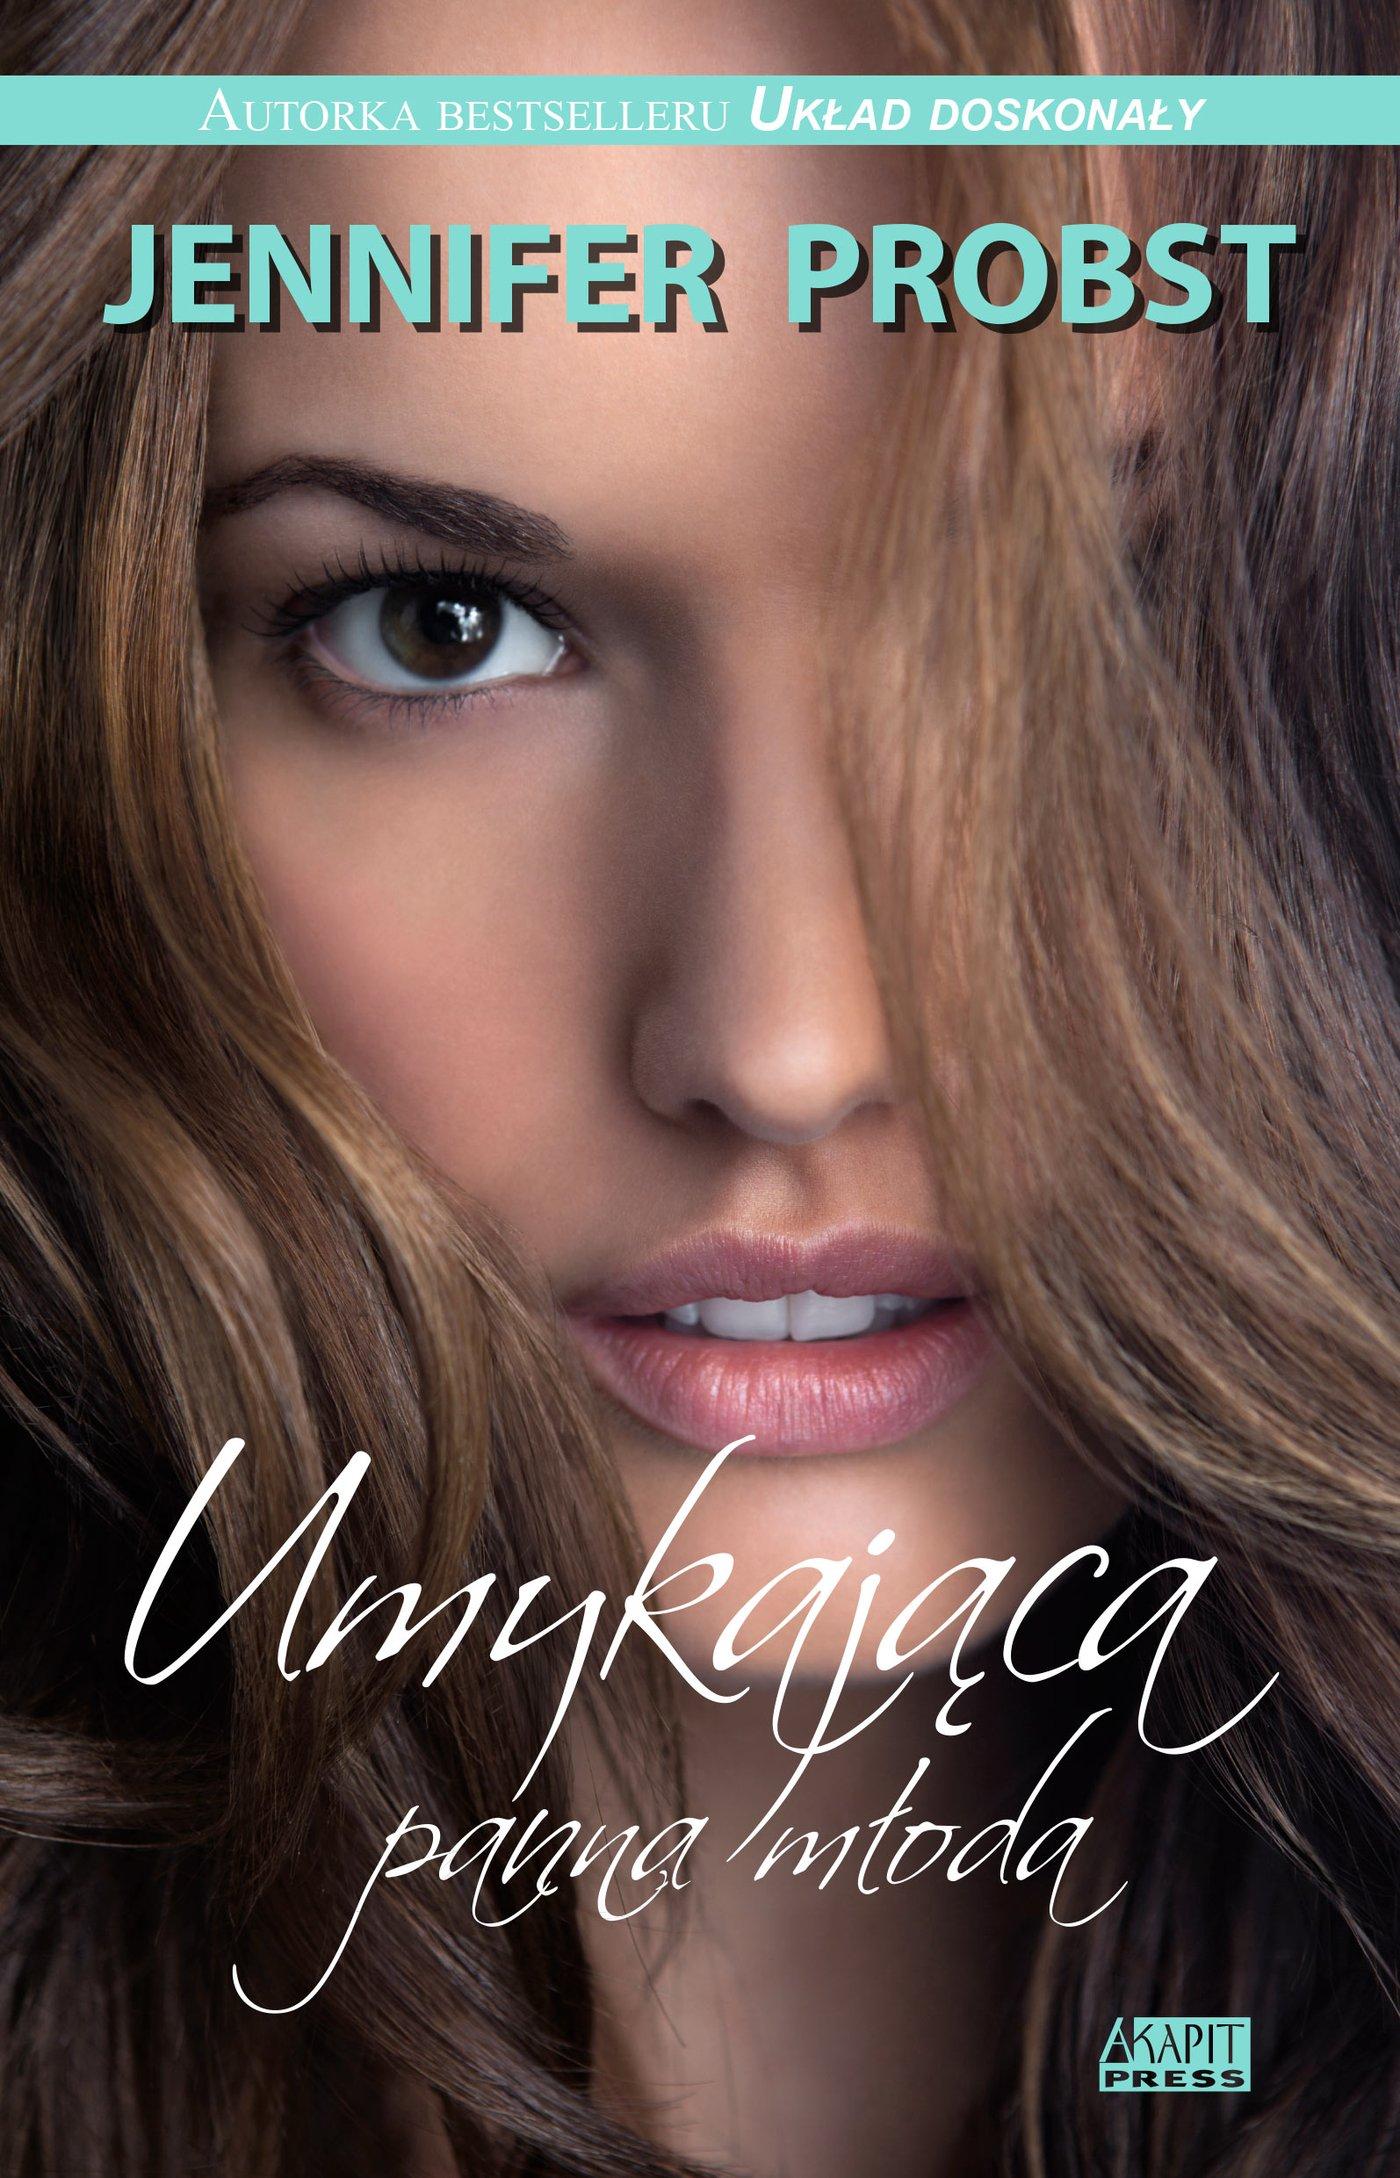 Umykająca panna młoda - Ebook (Książka na Kindle) do pobrania w formacie MOBI